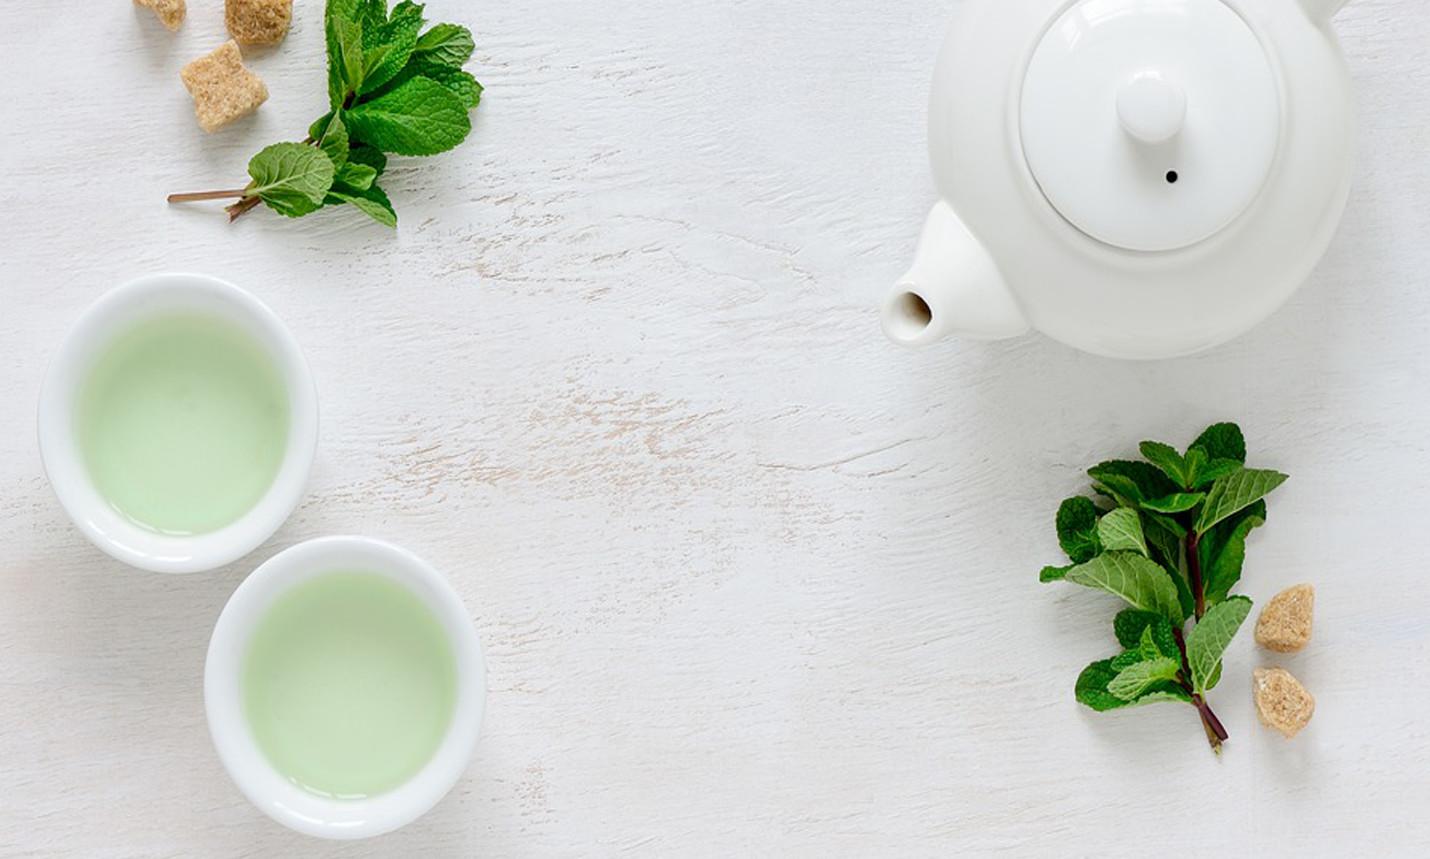 Advantages of tea